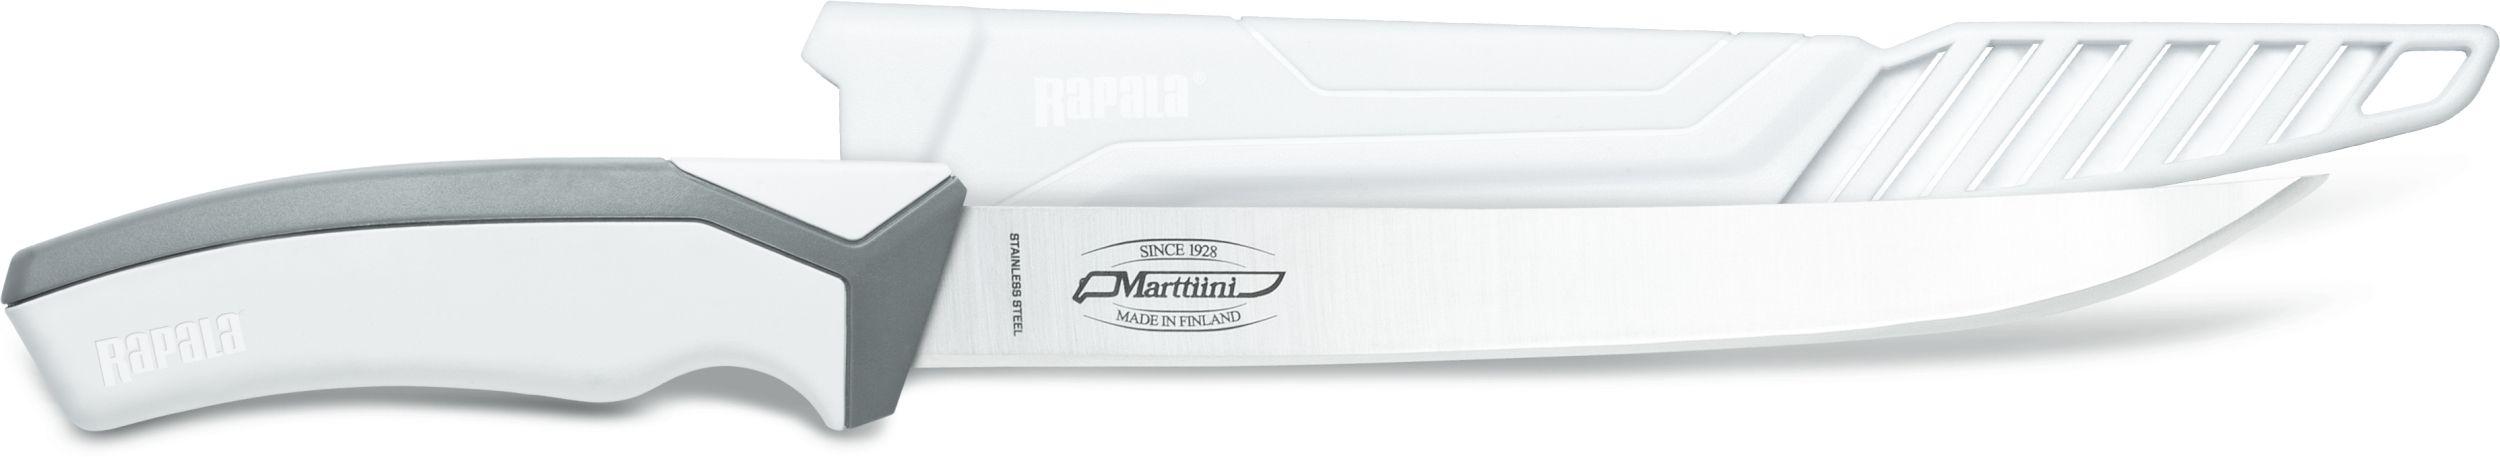 Soľ filé nôž Rapala Marttini 16 cm SASTF